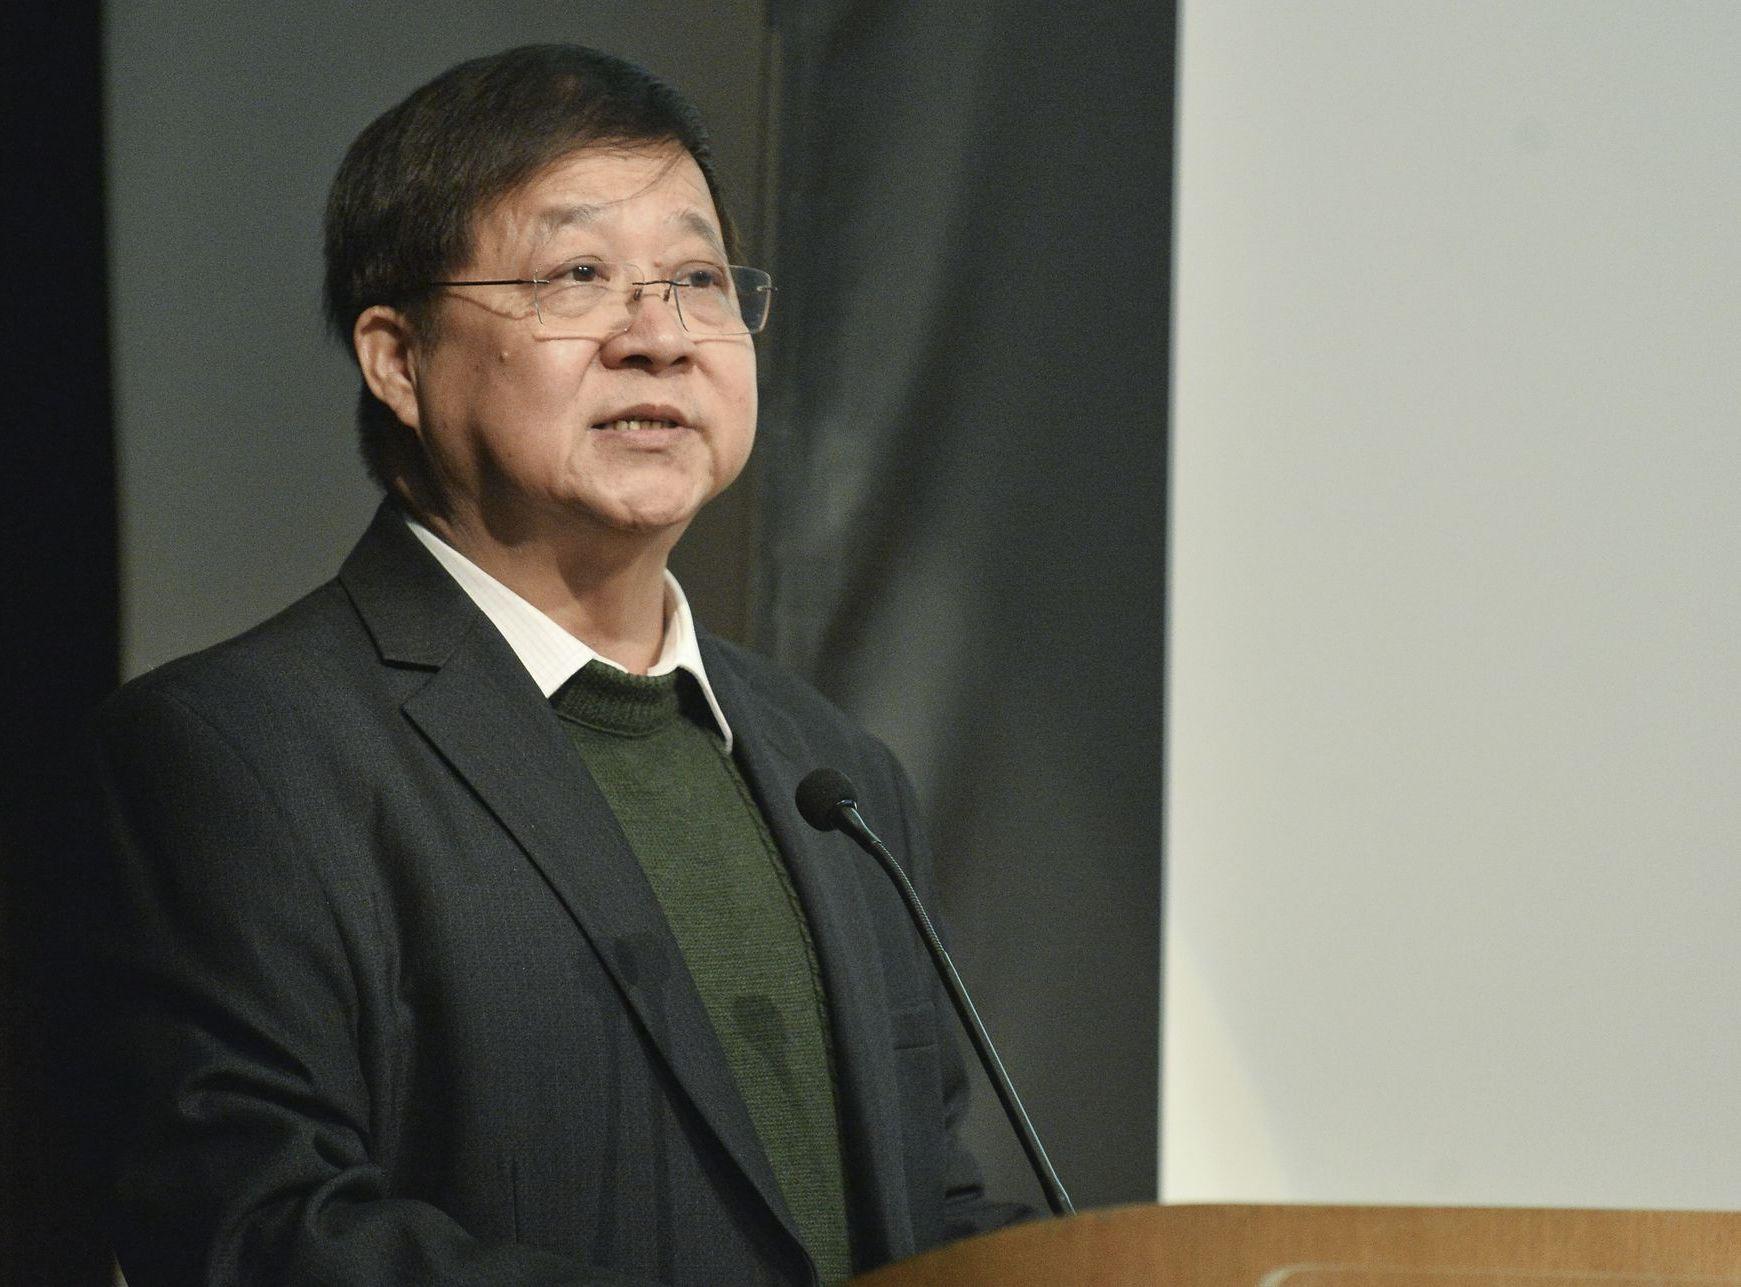 主席陳章明承認平機會可以做得更好。資料圖片